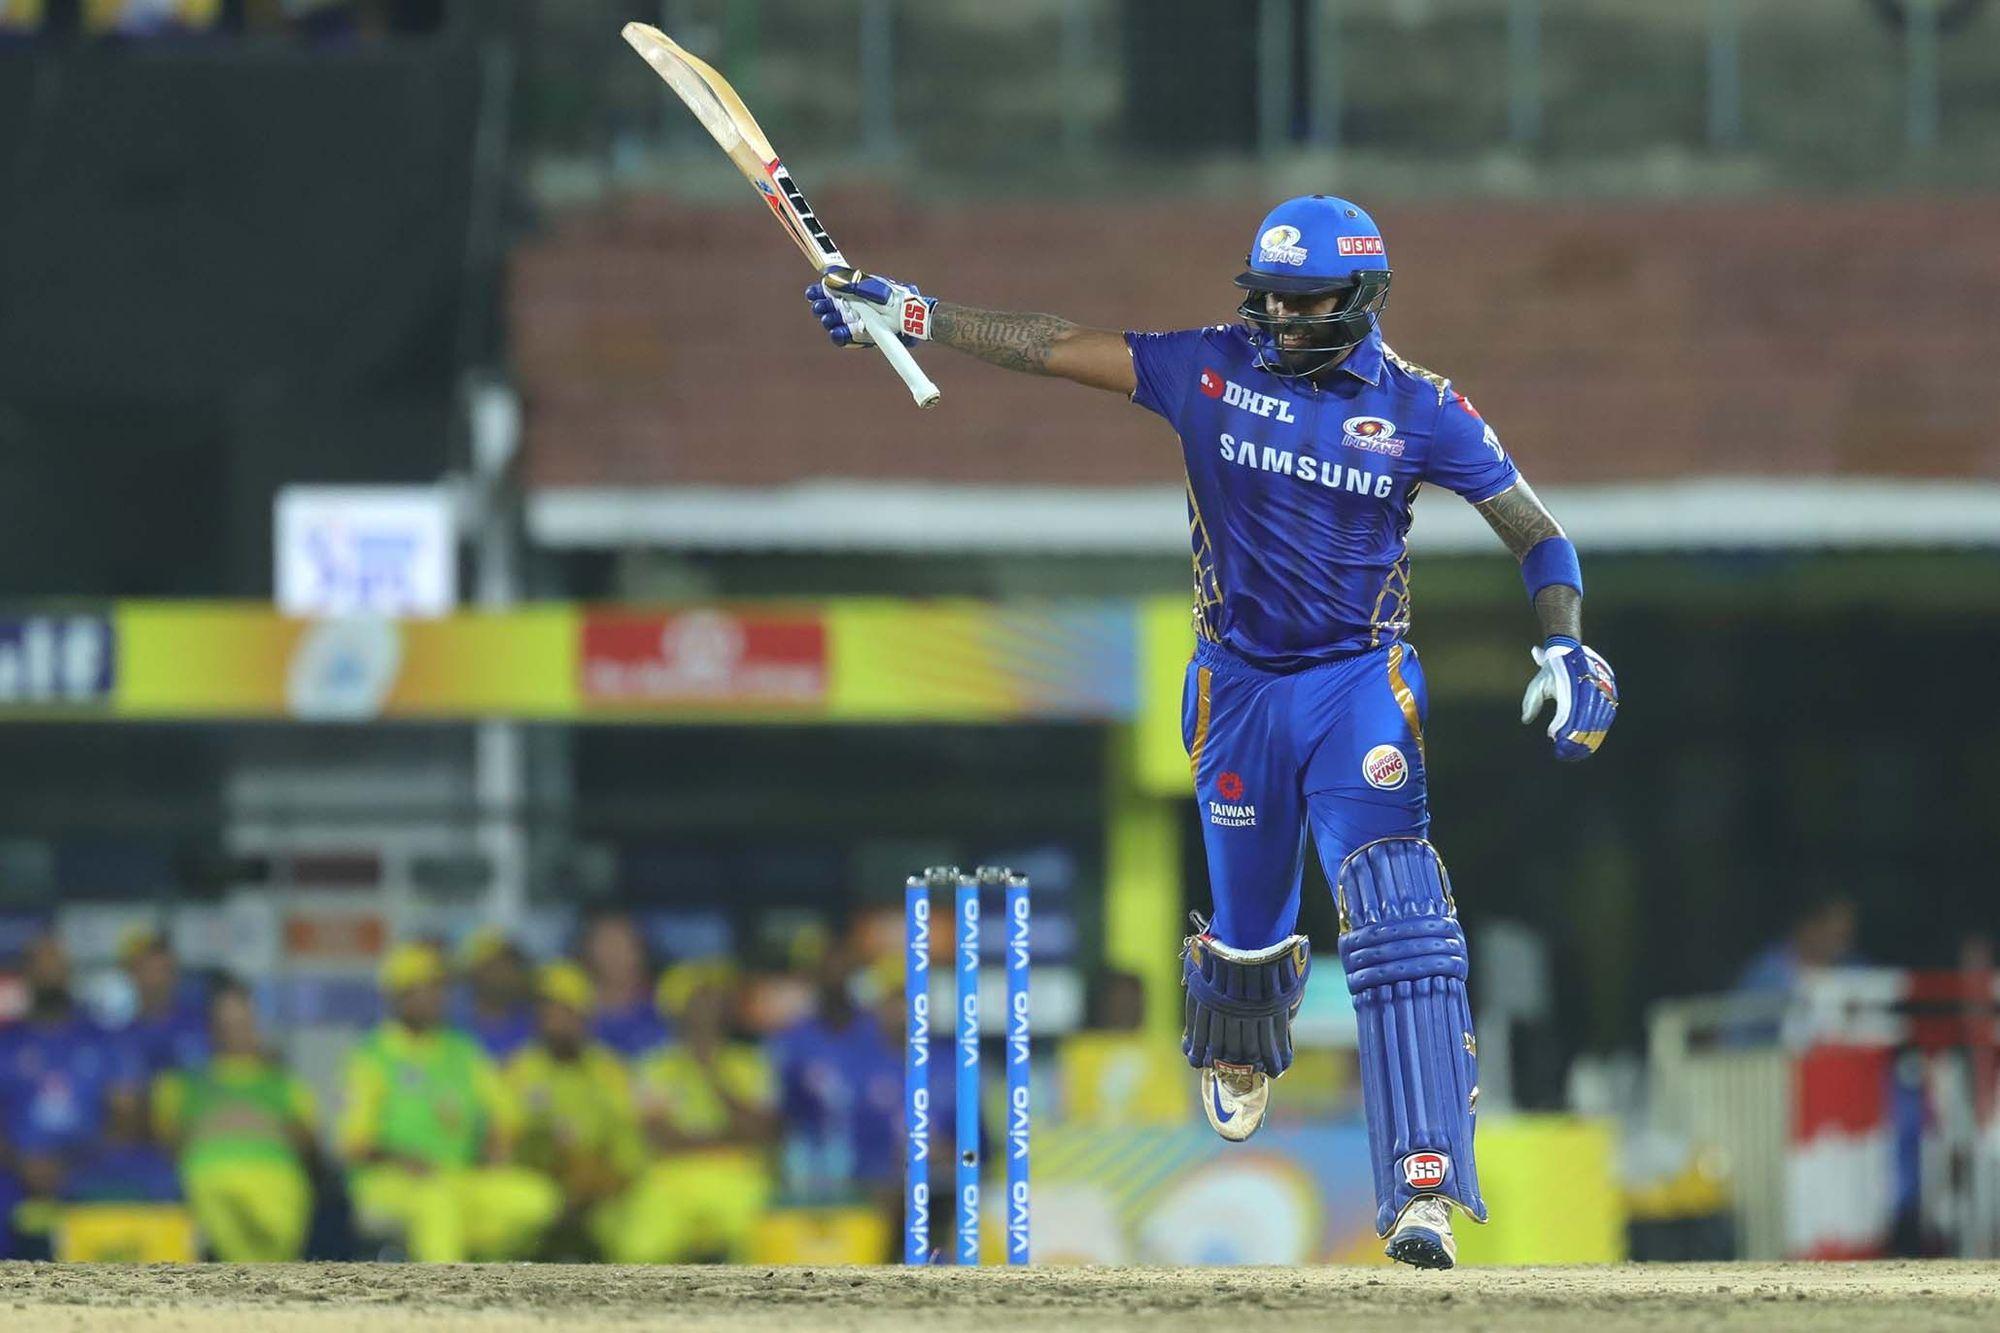 RRvsMI: जीत के बाद रोहित शर्मा ने बुमराह को नजरअंदाज कर इस खिलाड़ी को दिया जीत का श्रेय 3